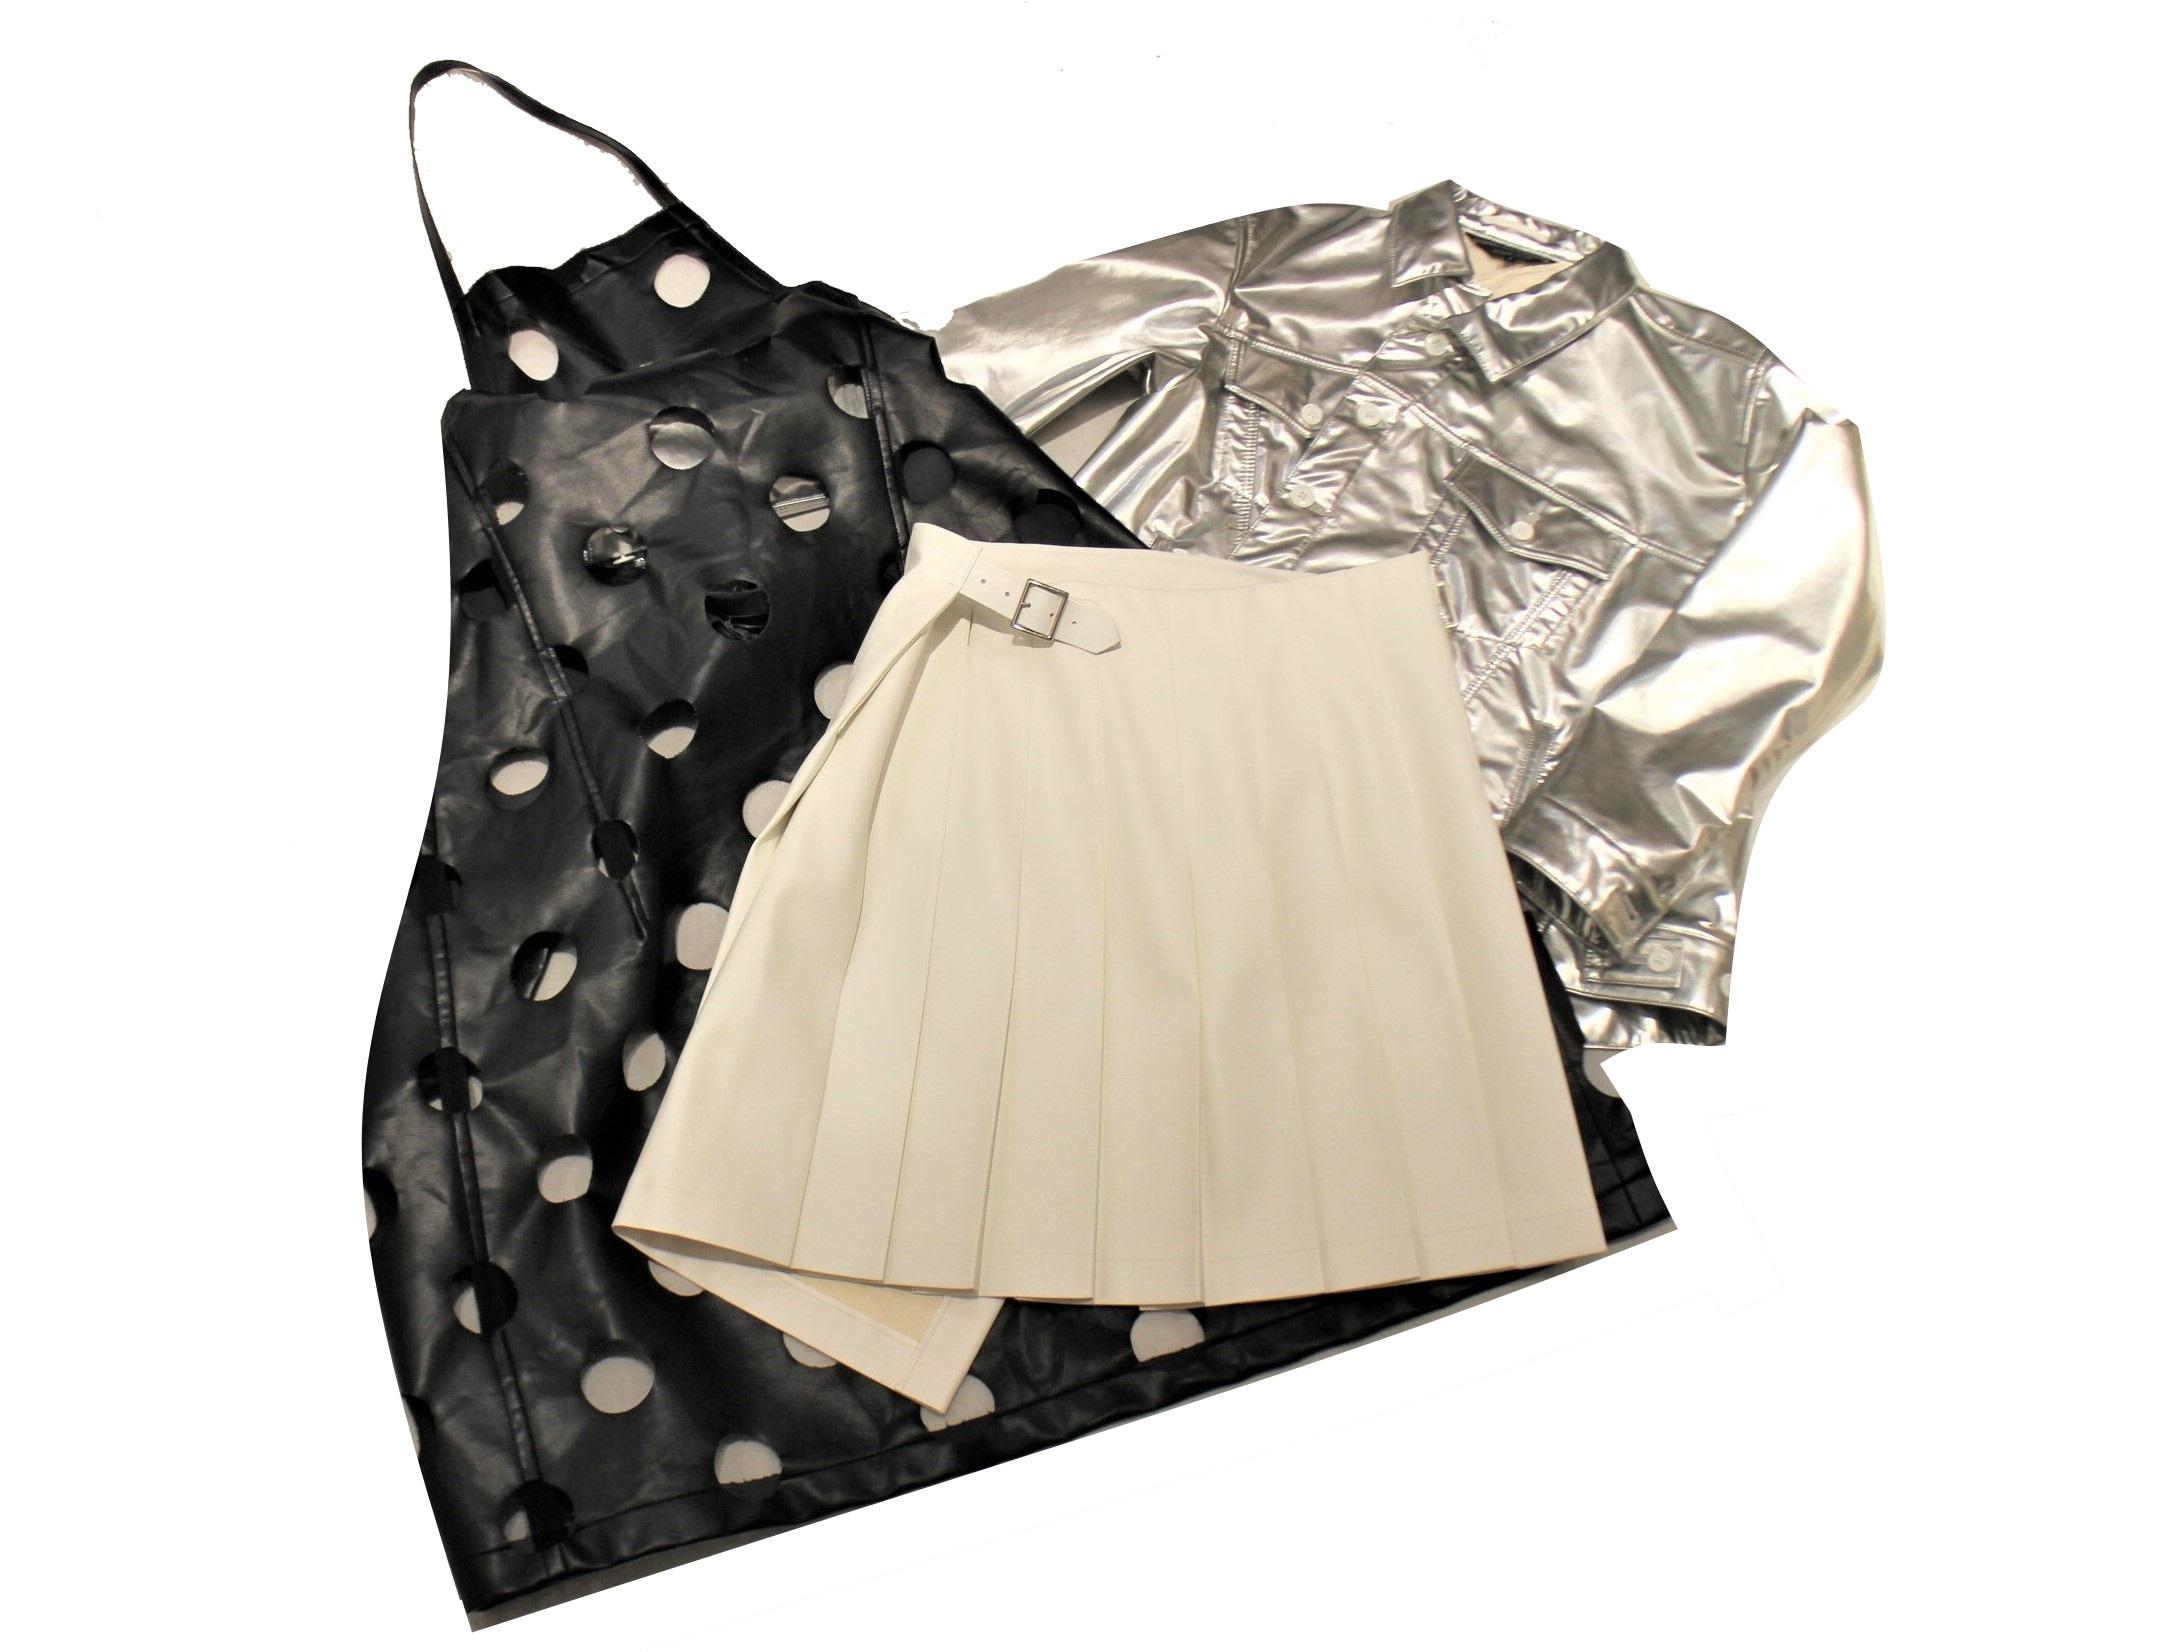 今年はジェンダーレスなファッションアイテムで決まり!パンチの効いたCOMME des GARCONS(コムデギャルソン)のアイテムが多数入荷です!